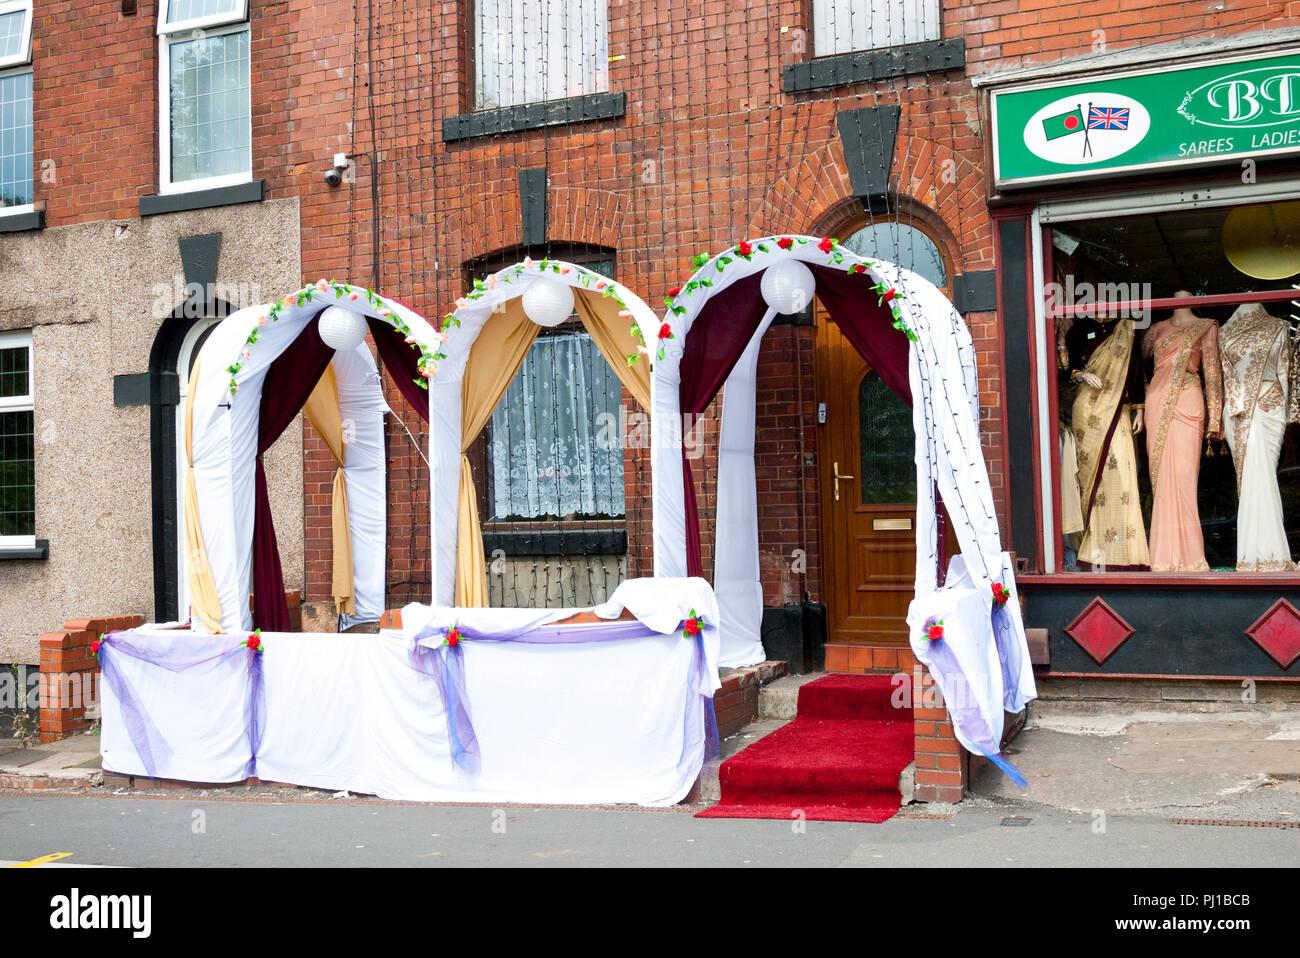 Pakistani Asian house decorated for the wedding and celebration,Oldham, England,UK. - Stock Image